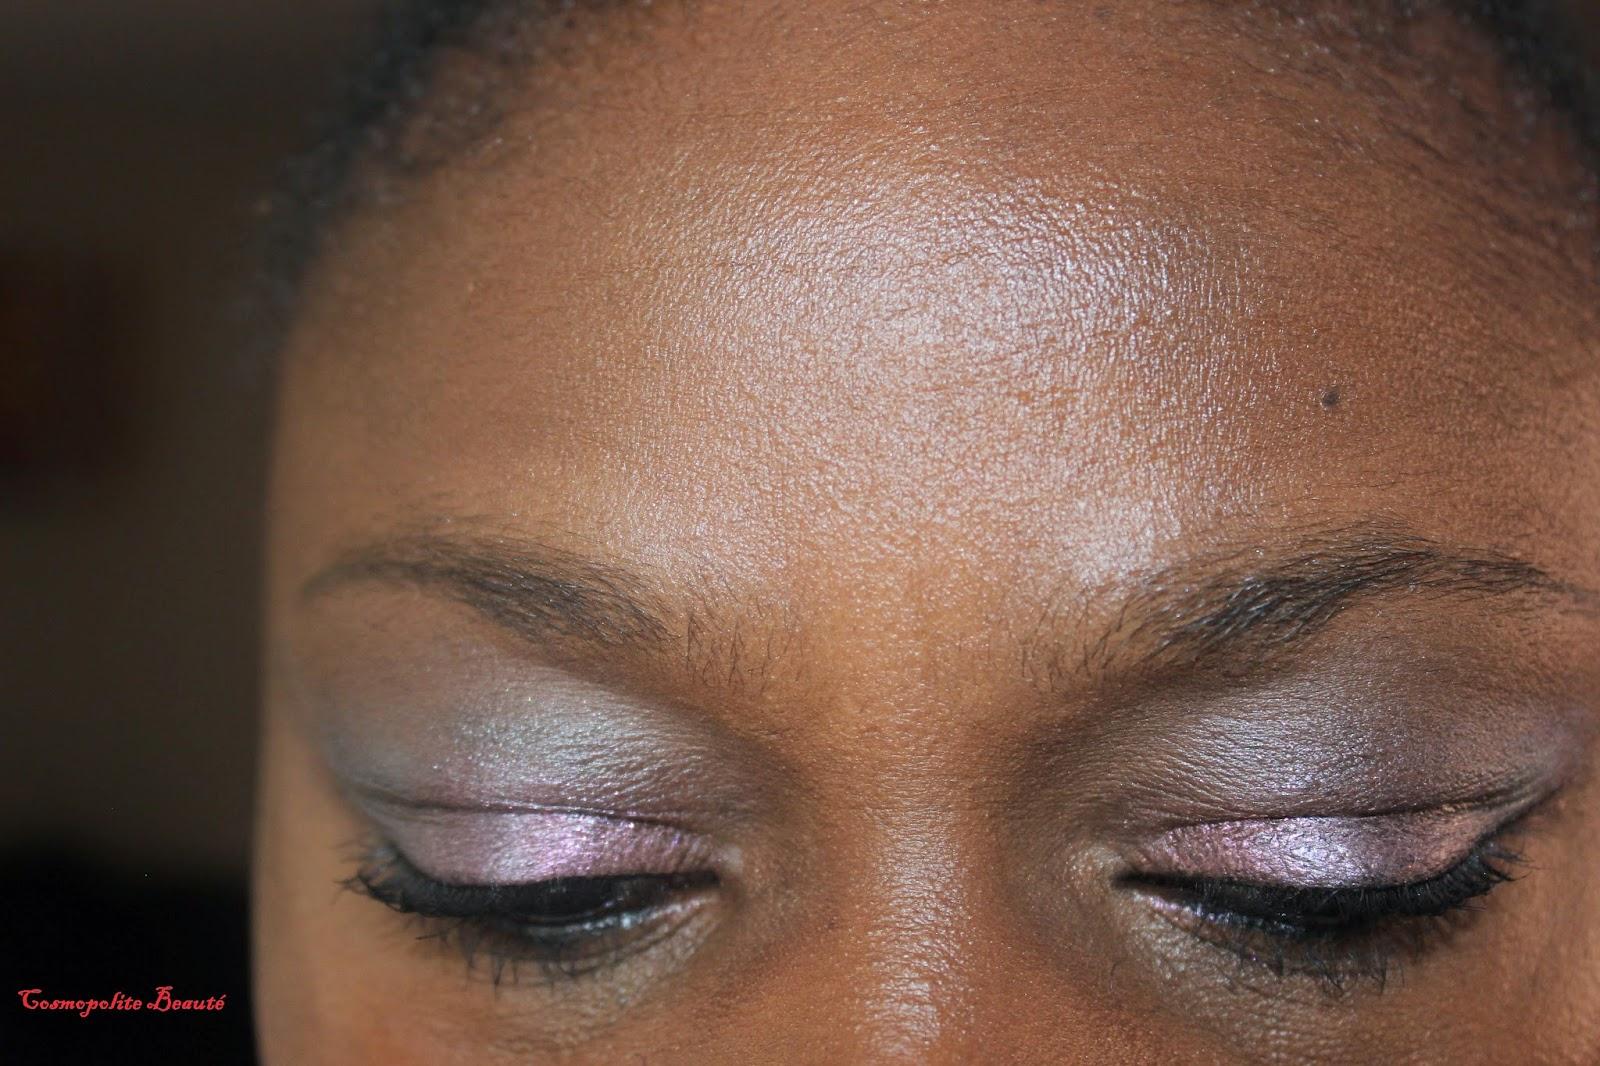 YSL, Yves Saint Laurent, palette Y facettes, maquillage, quatro, maquillage, beauty, beauté, naturalista, blackisbeautiful, nappygirl, nappy